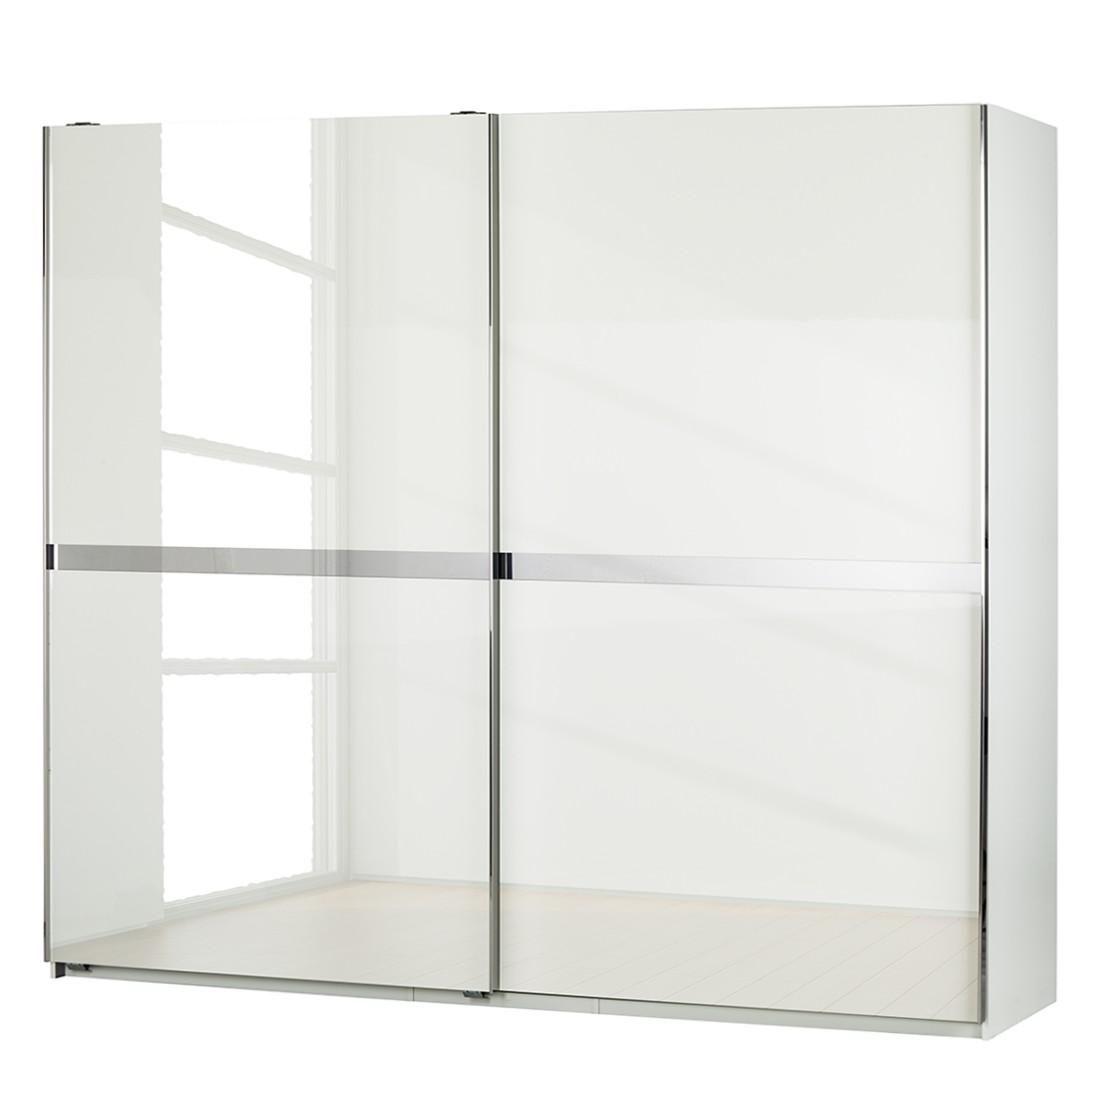 Schwebetürenschrank Safe4 – Alpinweiß/Pearlglanz Softwhite – Schrankbreite: 300 cm – 2-türig – inkl. Beleuchtung, fresh to go günstig kaufen